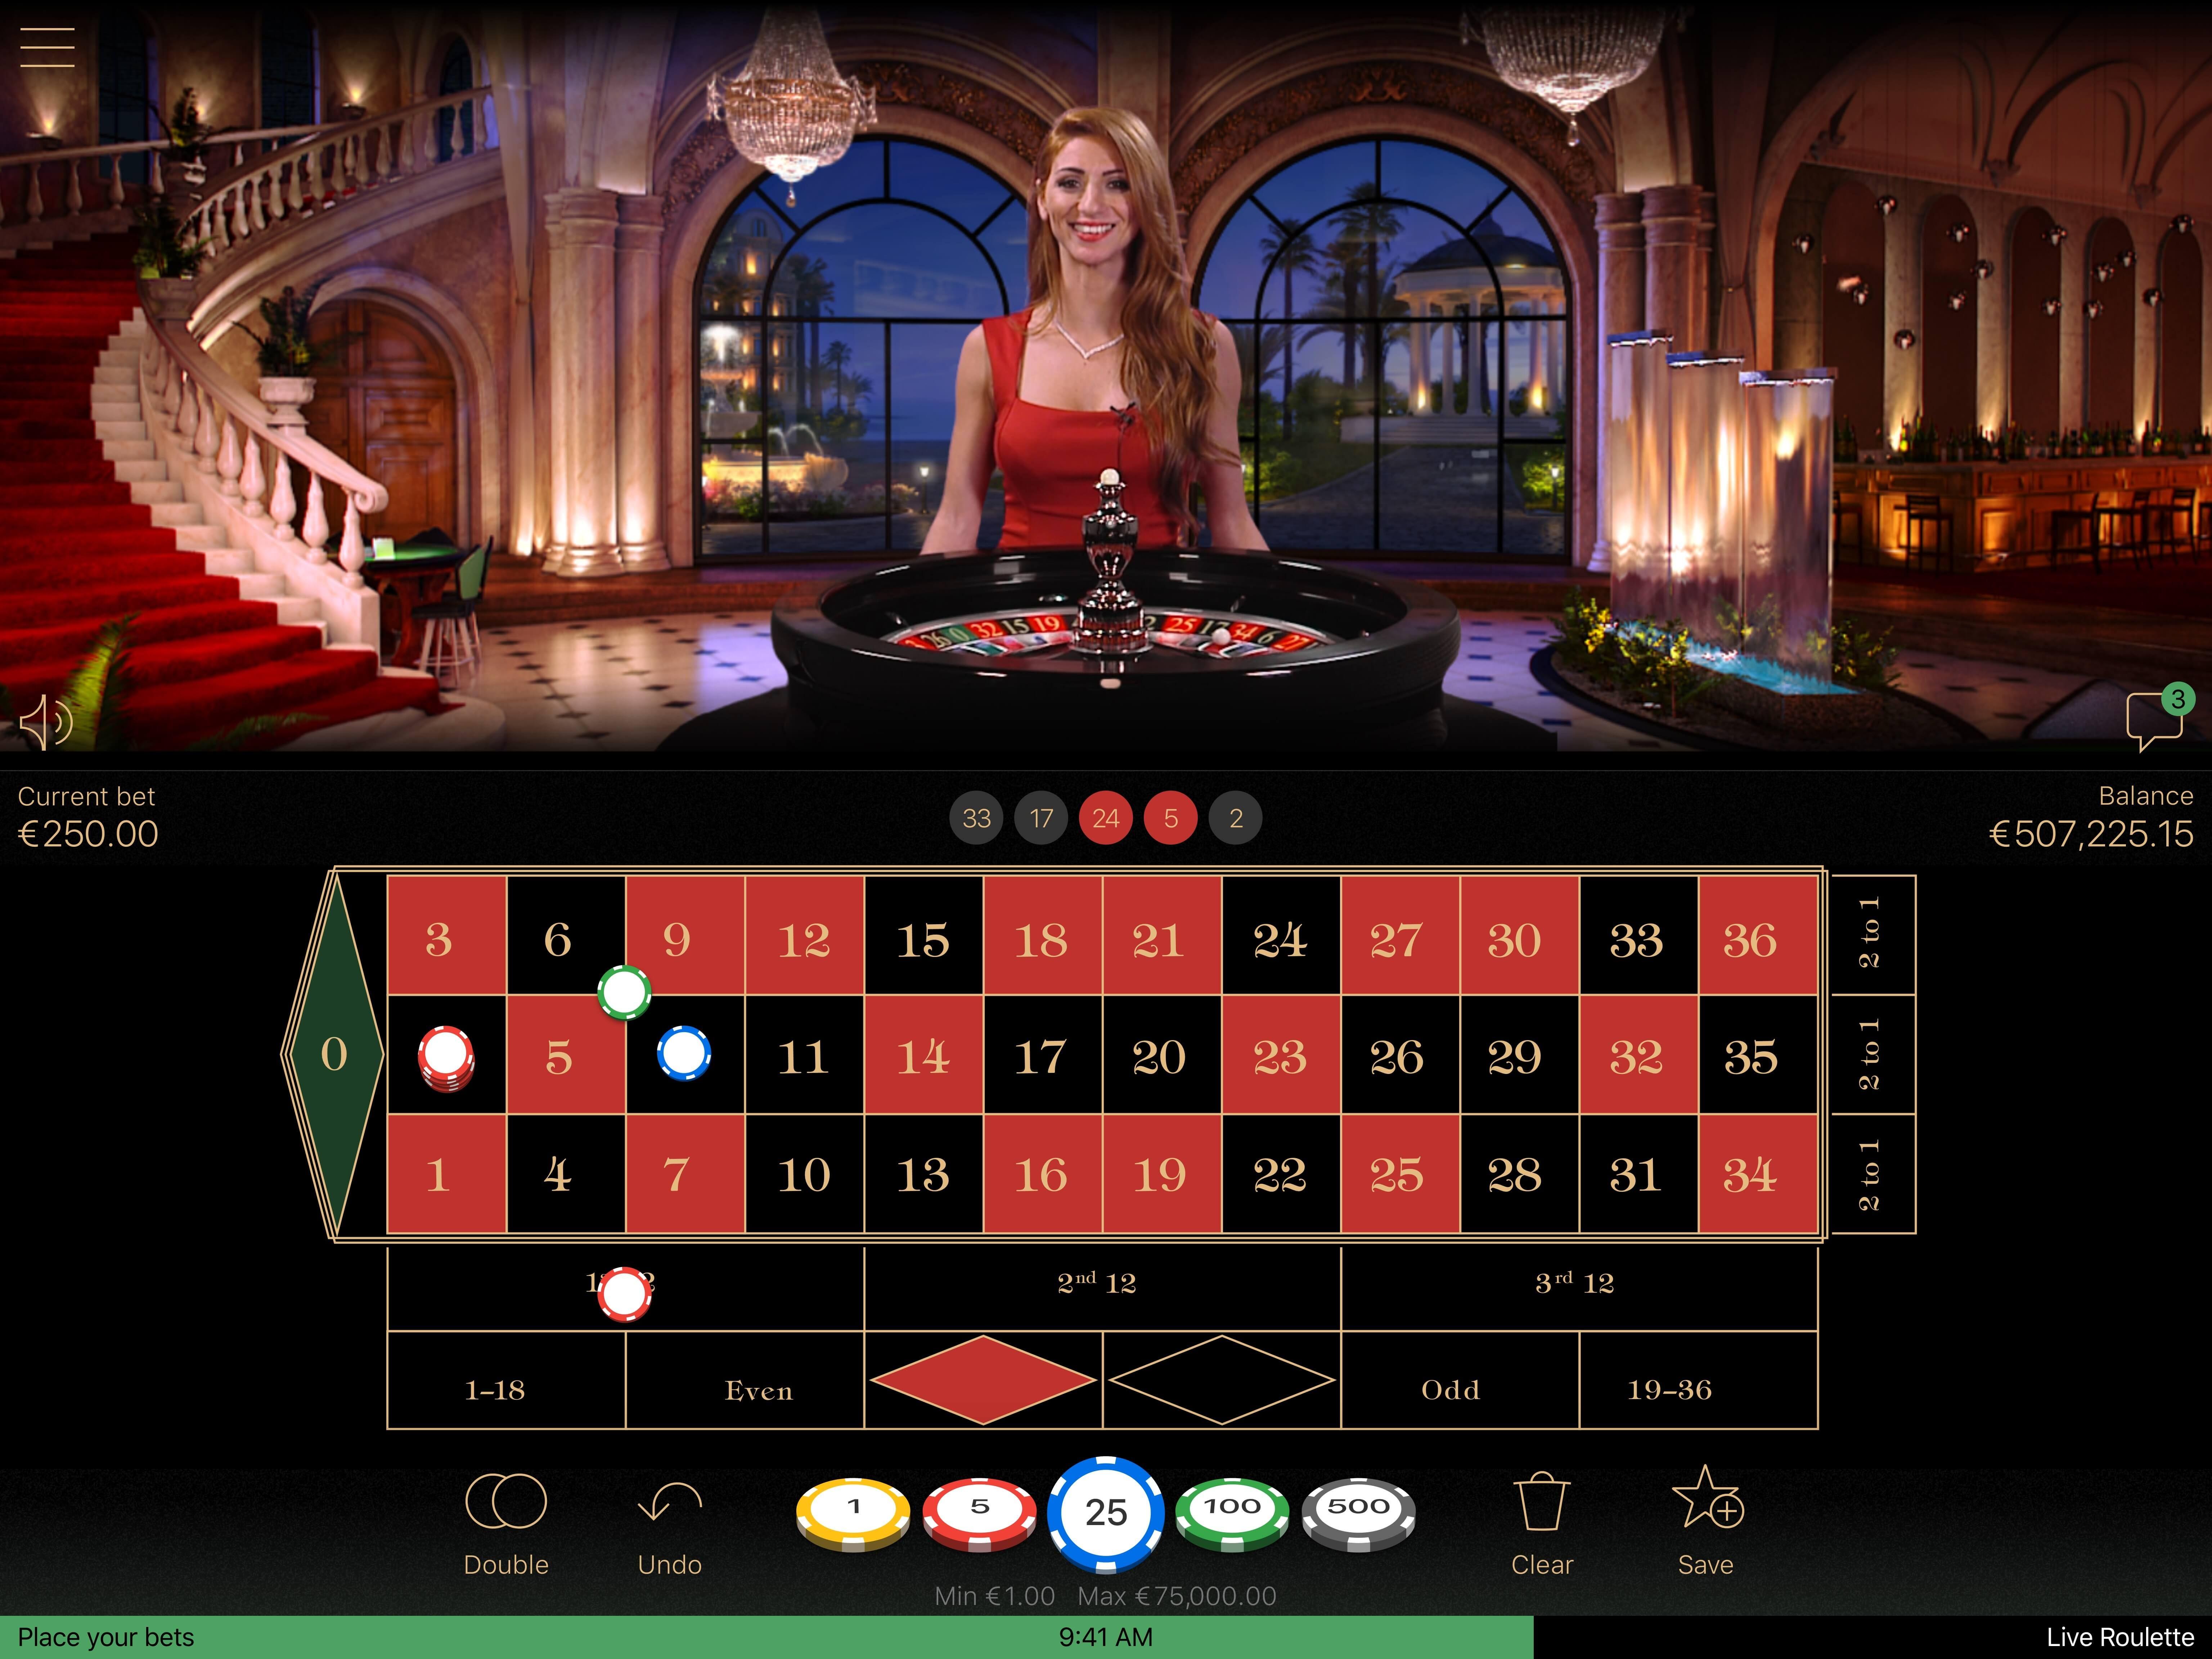 Roulette Casino Games Online Casino Games Casino Roulette